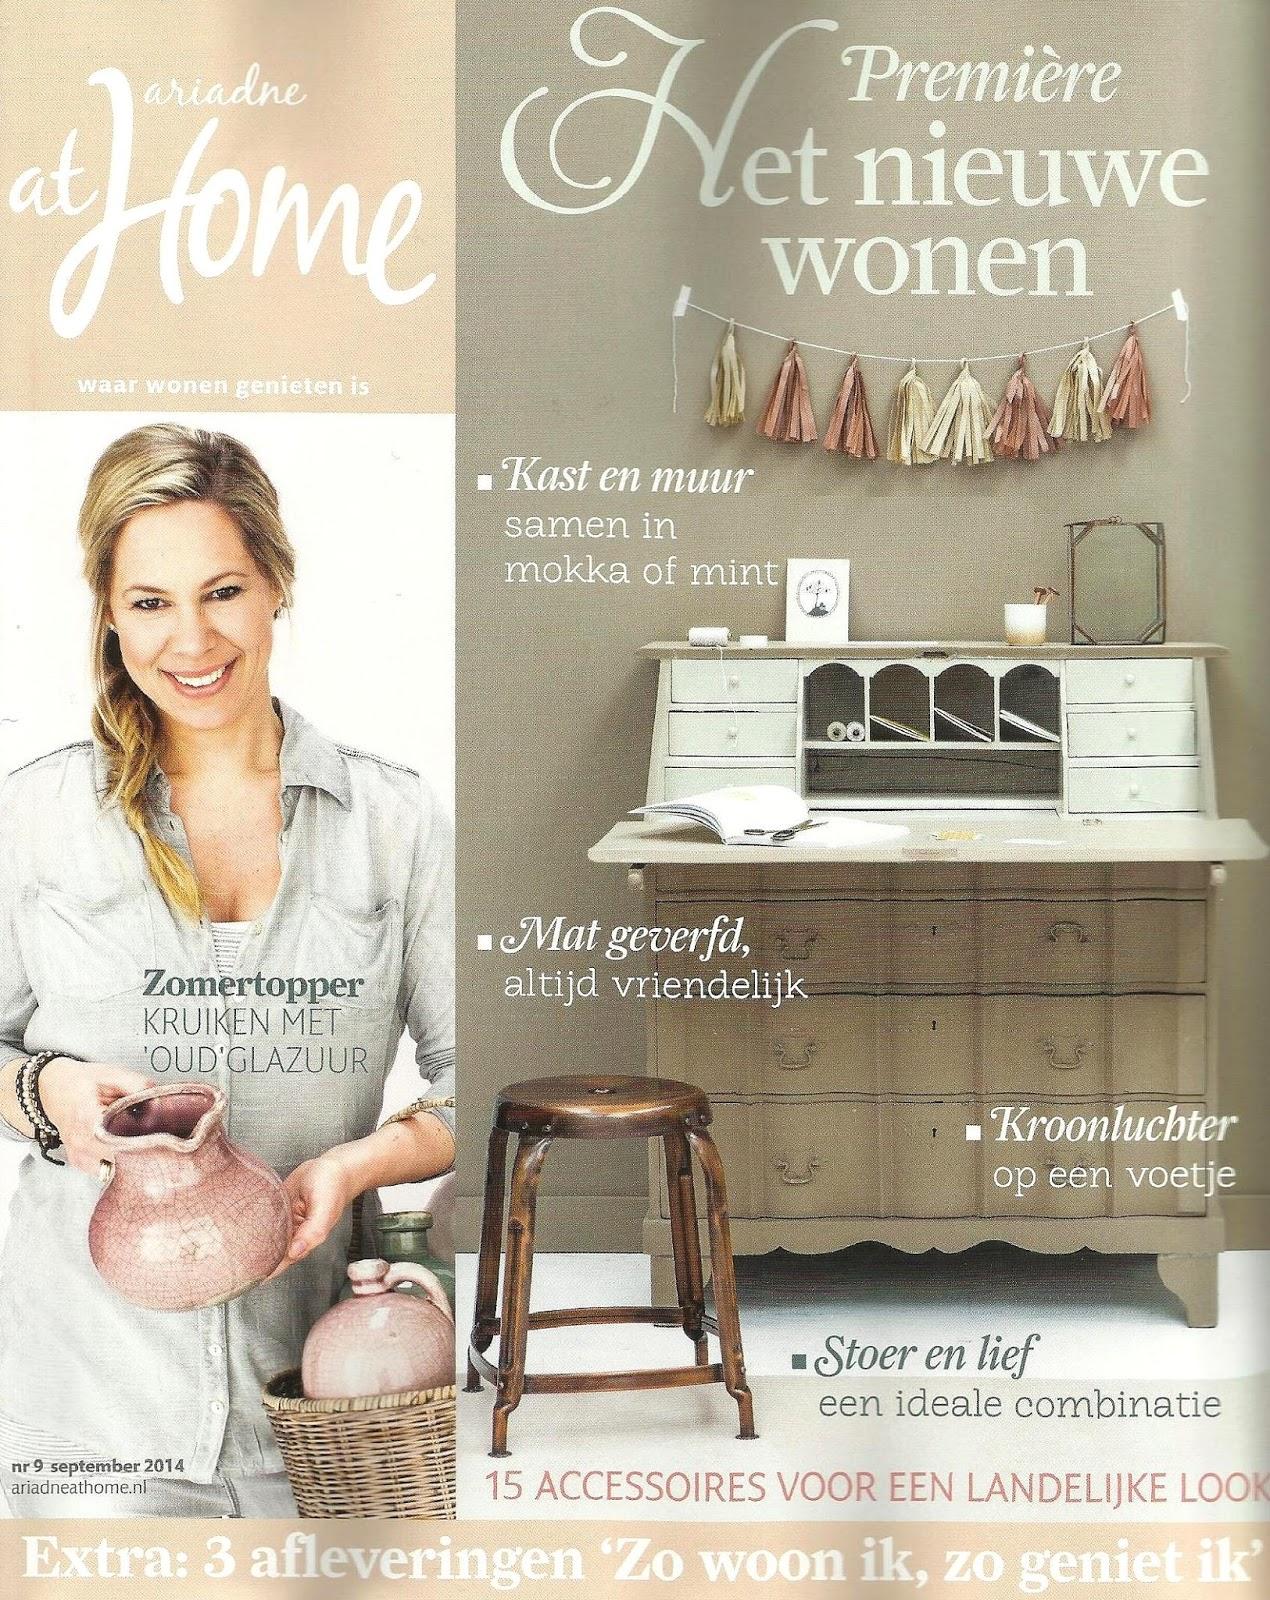 frivole me in dutch interior magazine ariadne at home